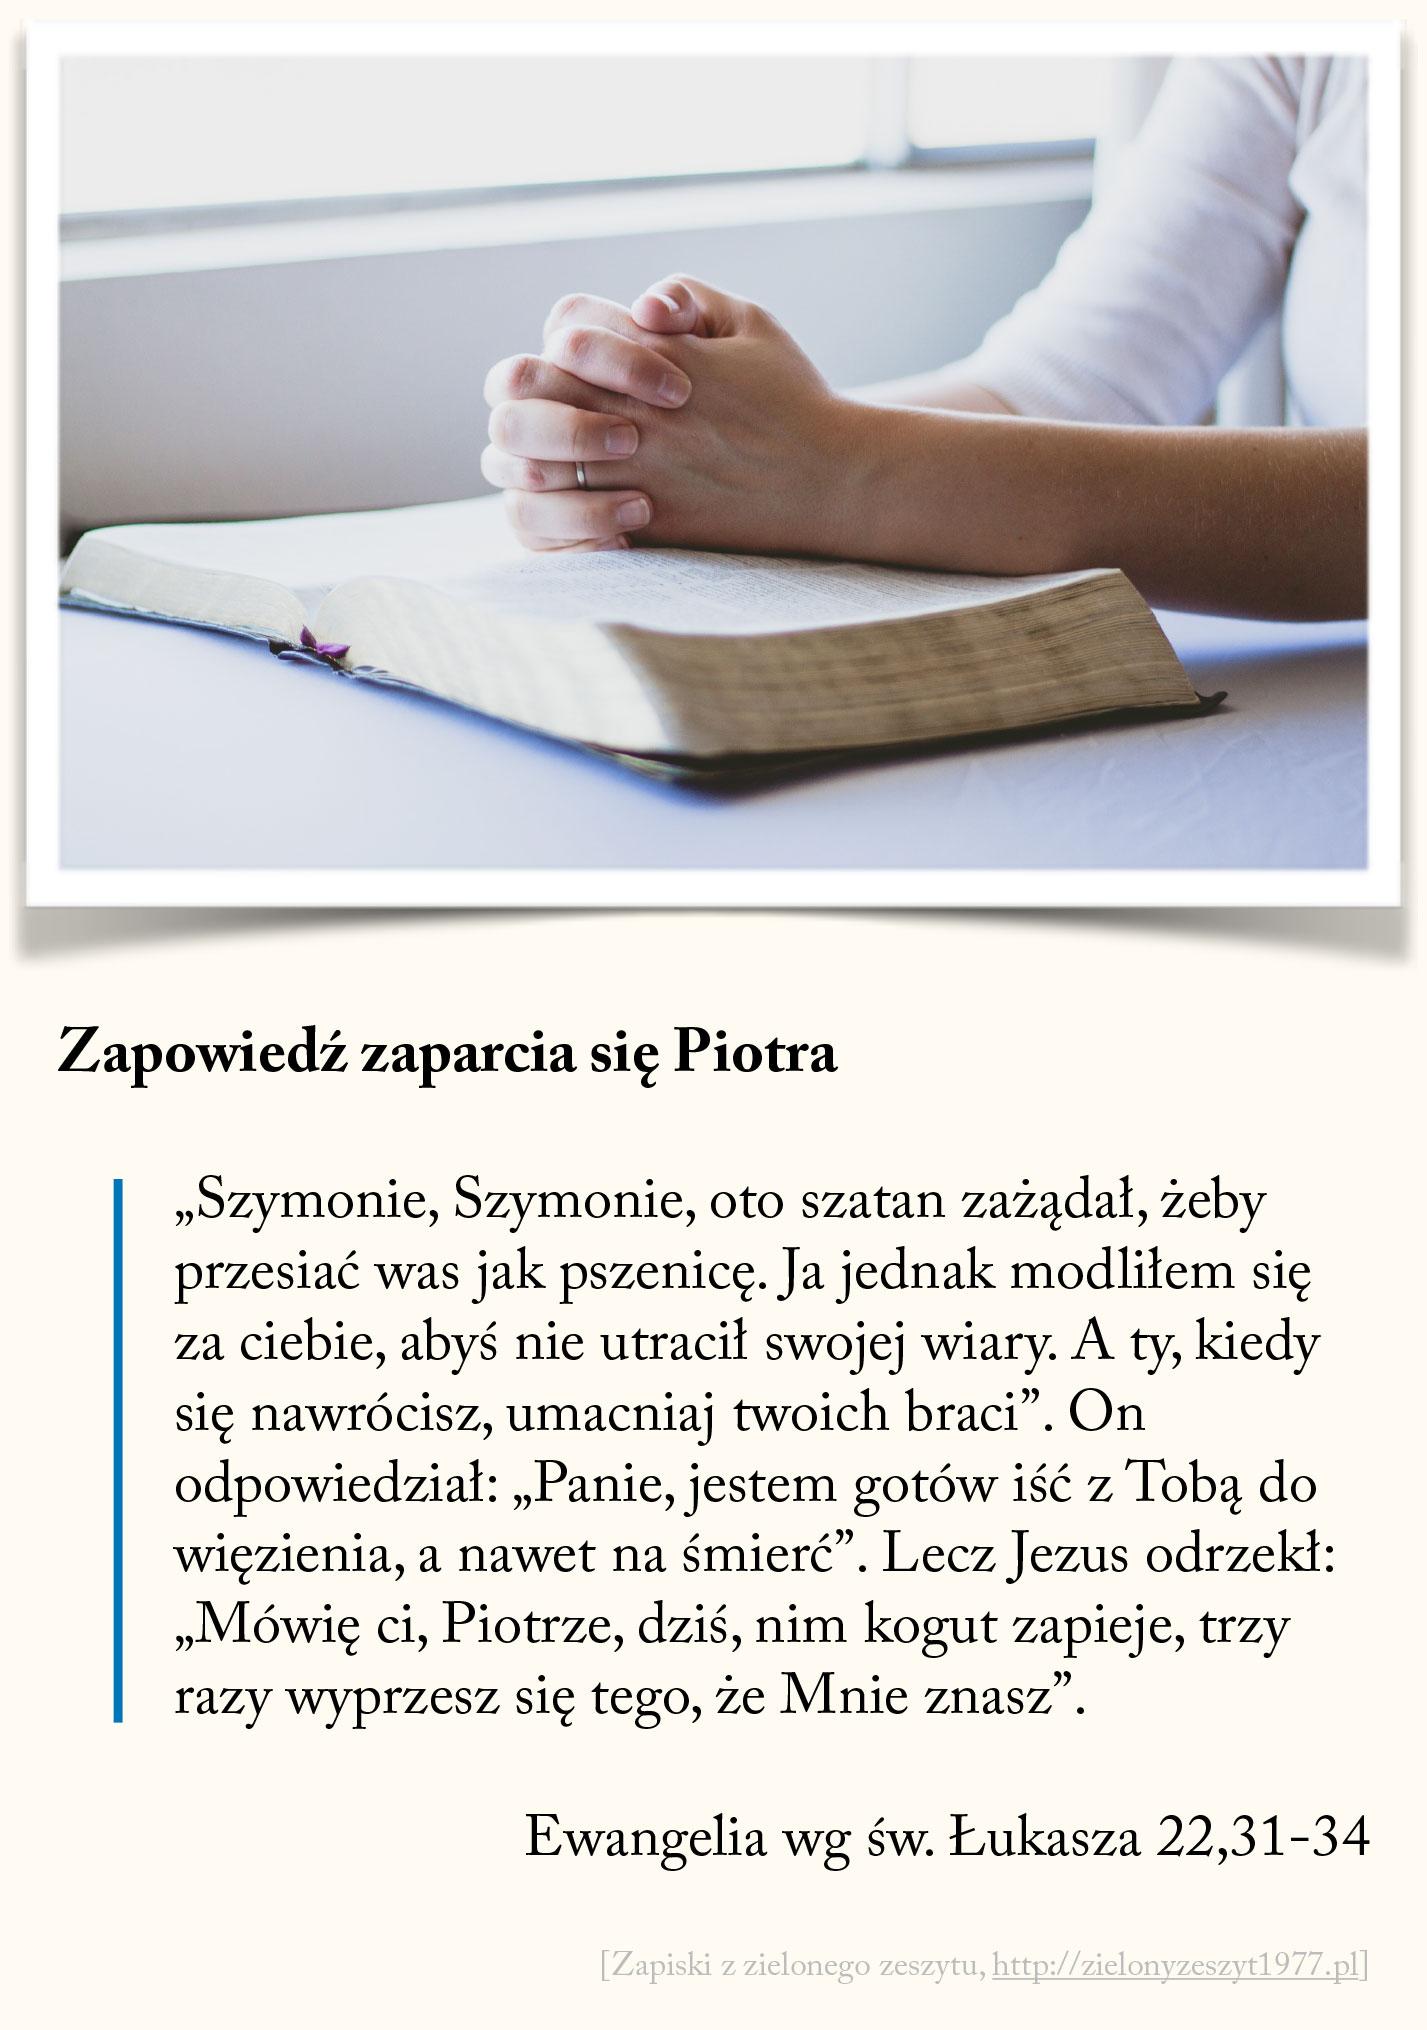 Zapowiedź zaparcia się Piotra, Ewangelia wg św. Łukasza